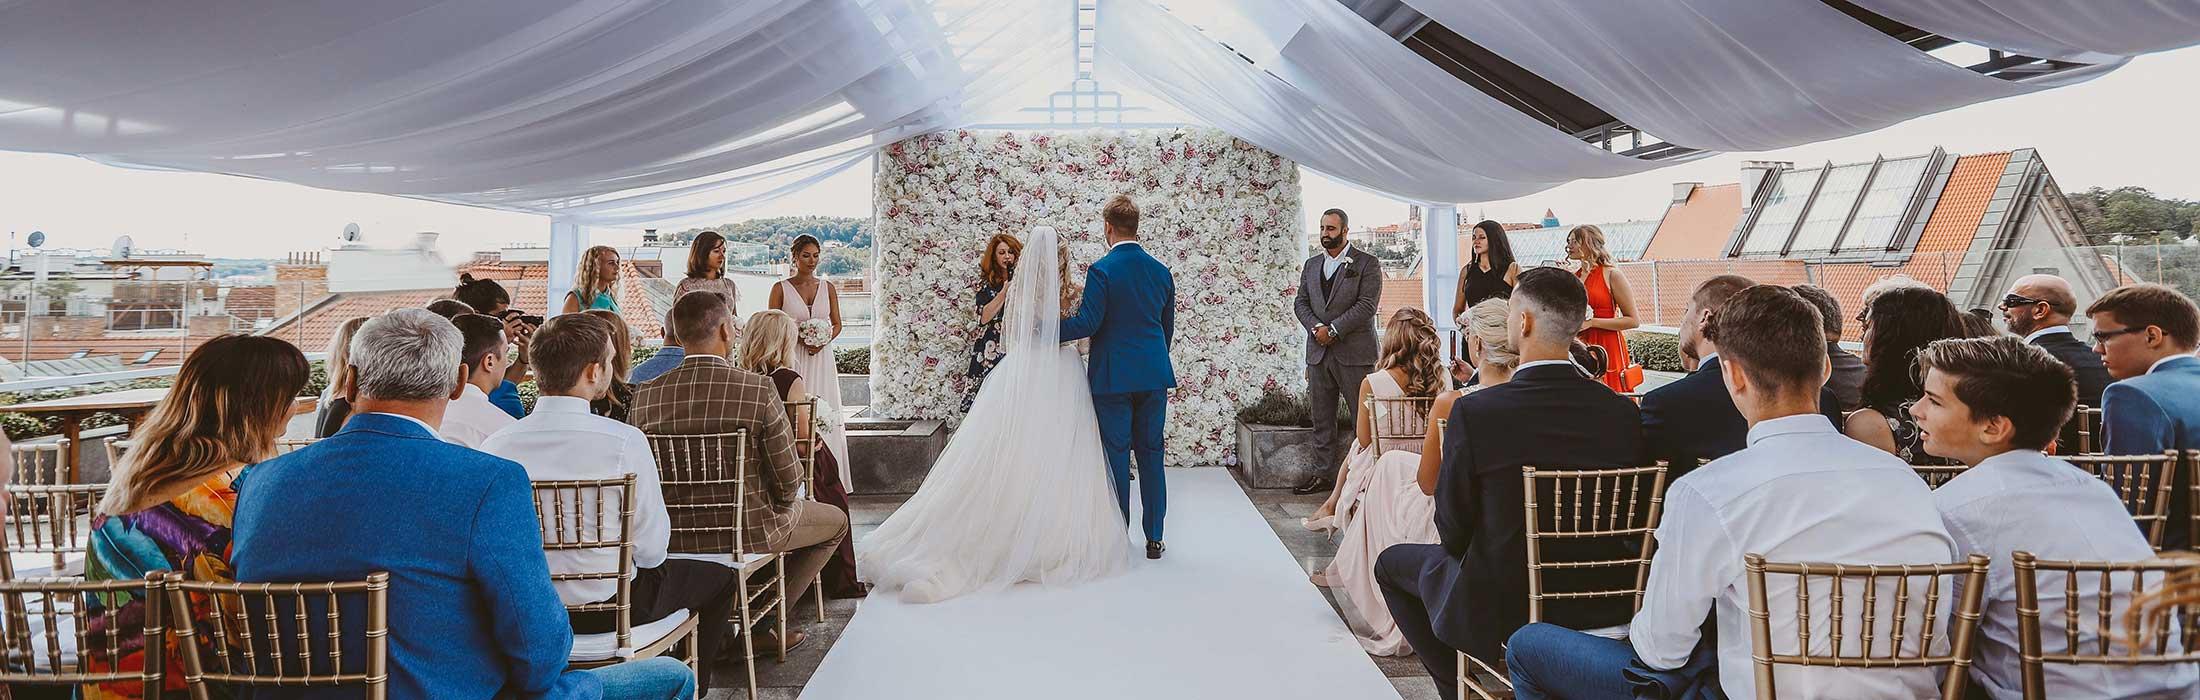 GPH weddings slide jpg